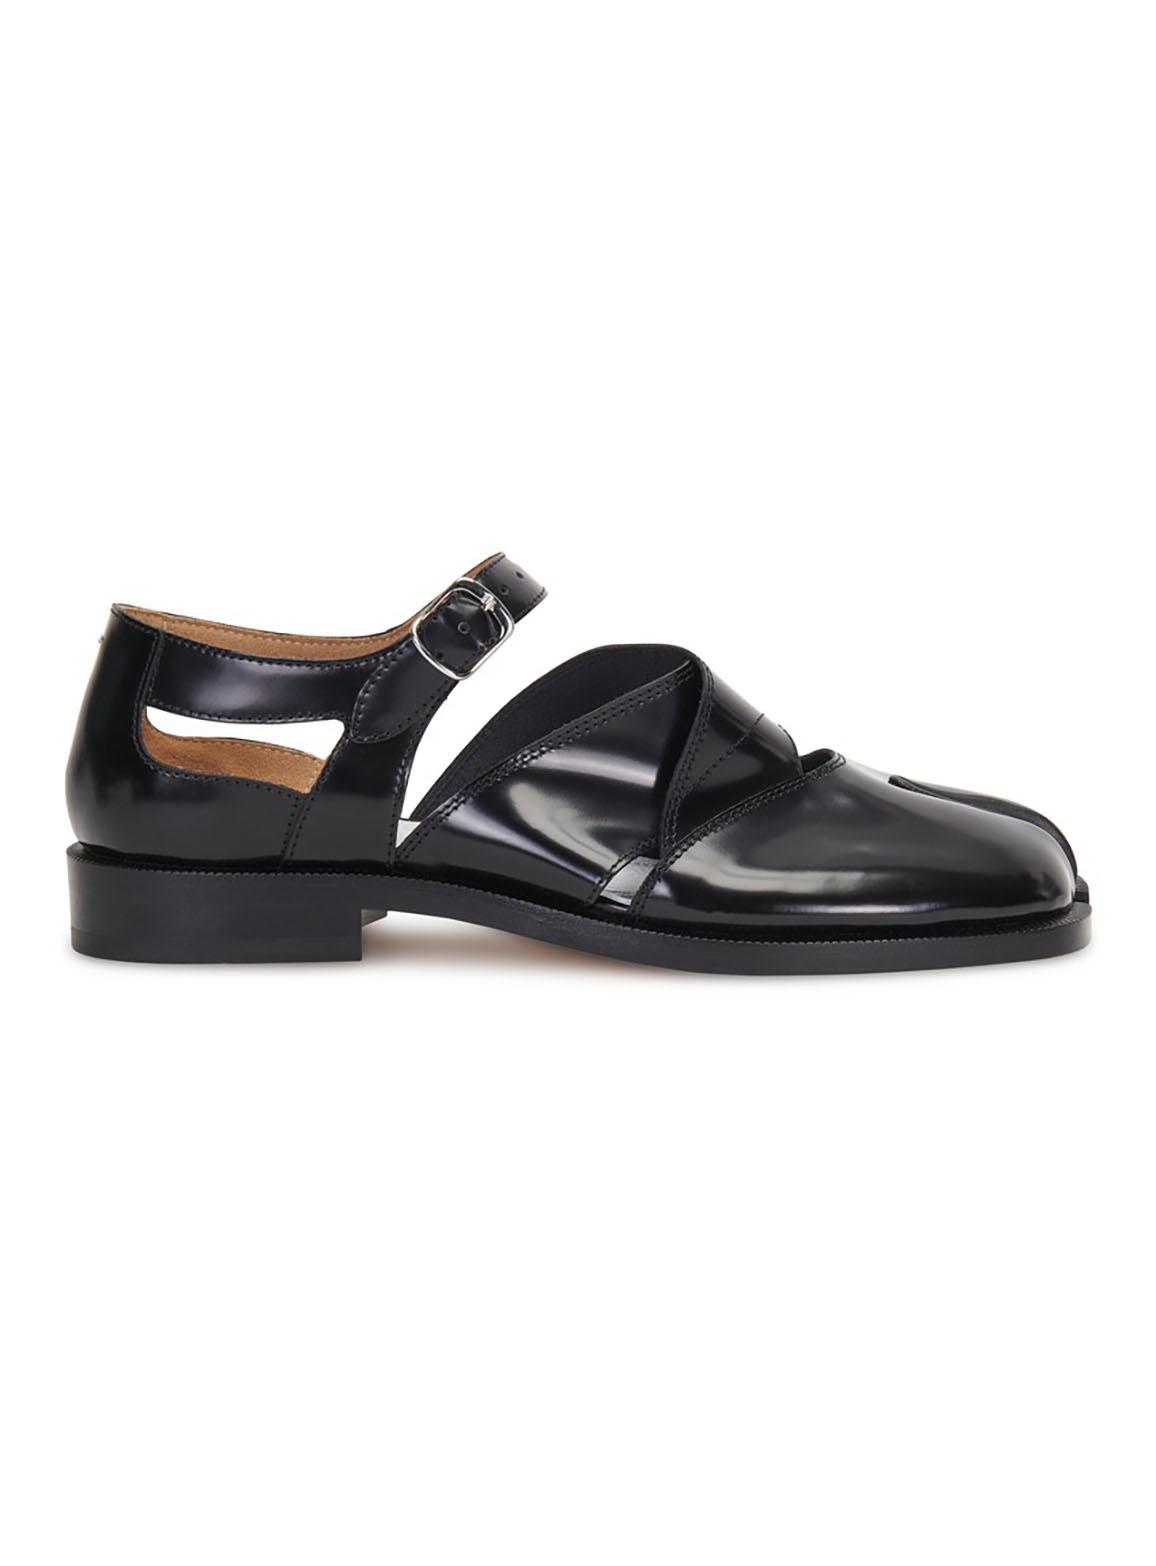 Sandals Maison Margiela